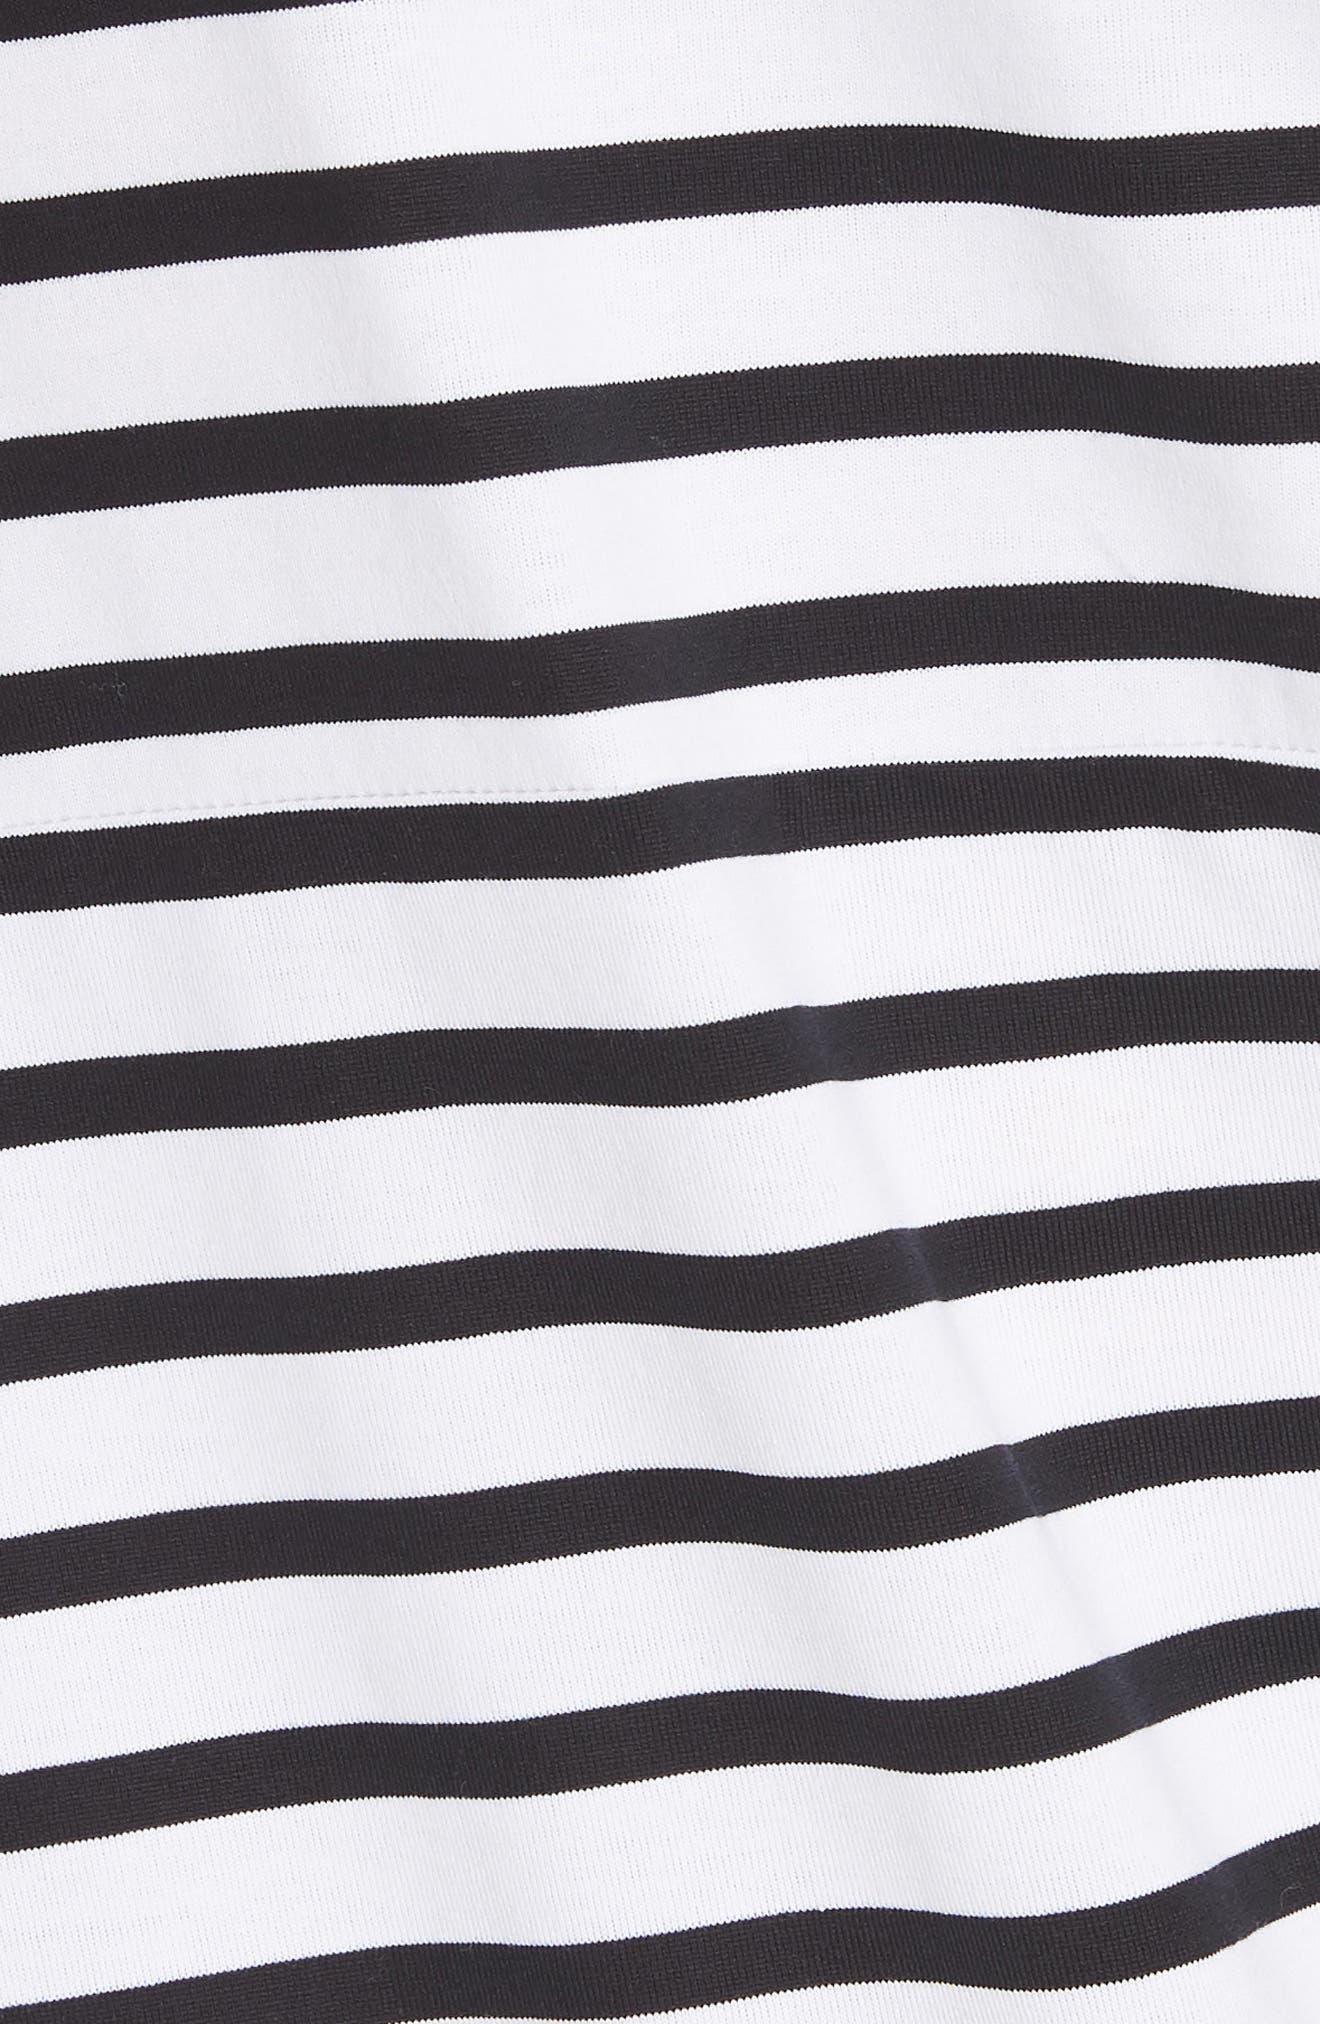 Asymmetrical Stripe Dress,                             Alternate thumbnail 5, color,                             100